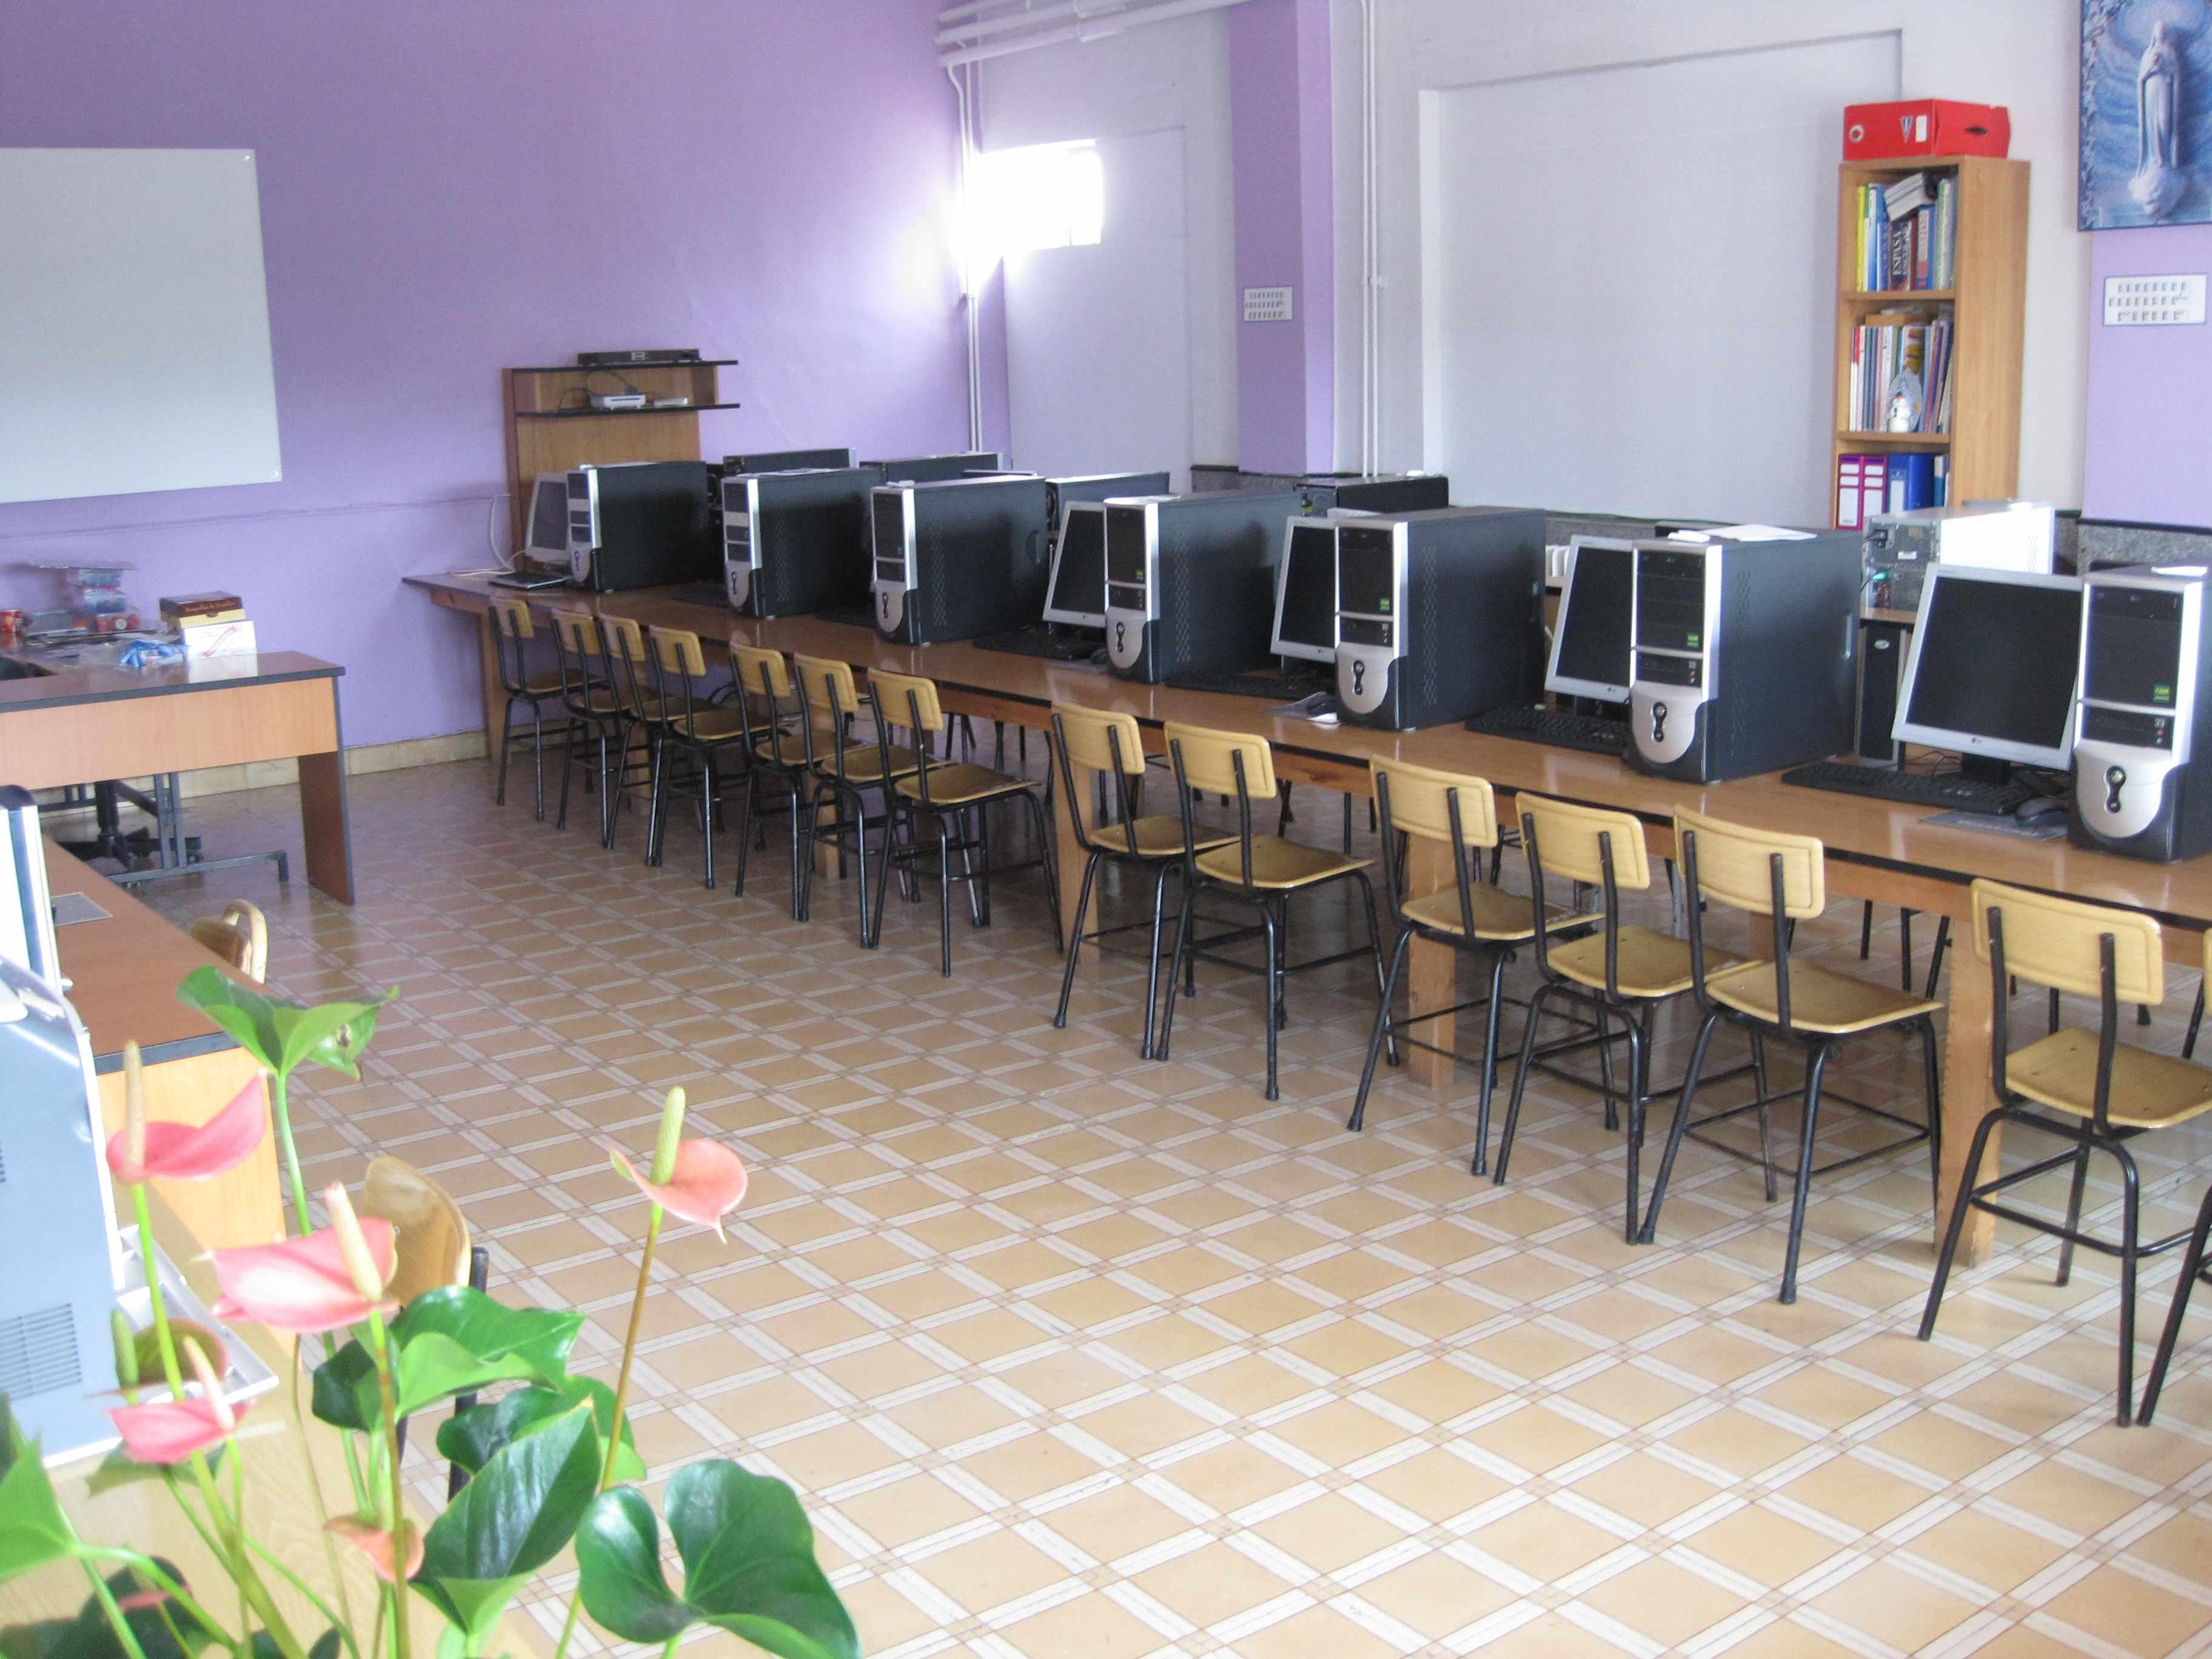 Colegios en Polanco Torrelavega Colegio la MIlagrosaaulas de INFORMÁTICA